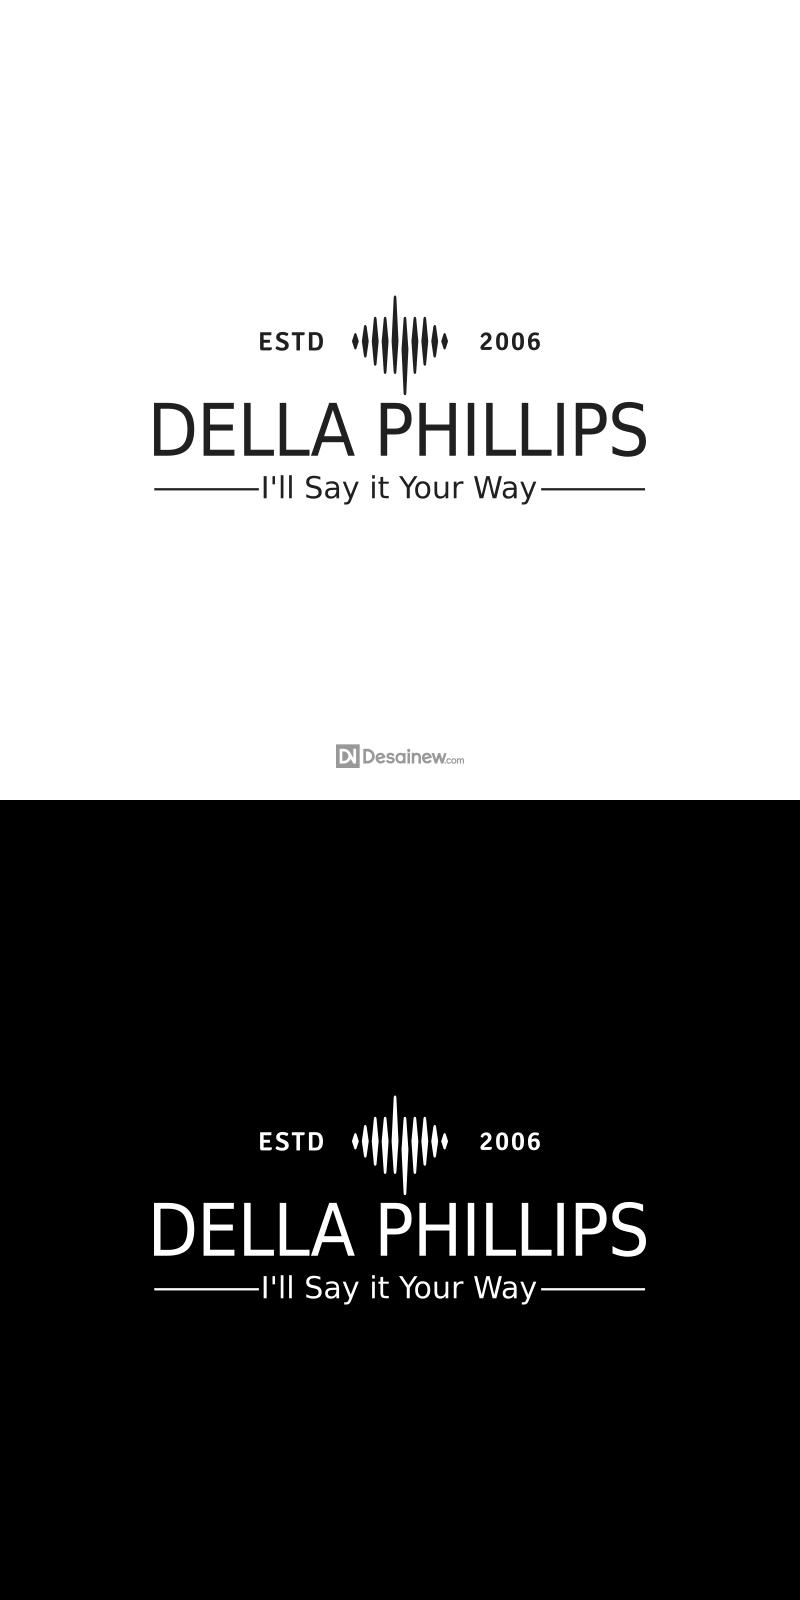 Della Phillips Logo Design Project Portfolio Desainew Studio